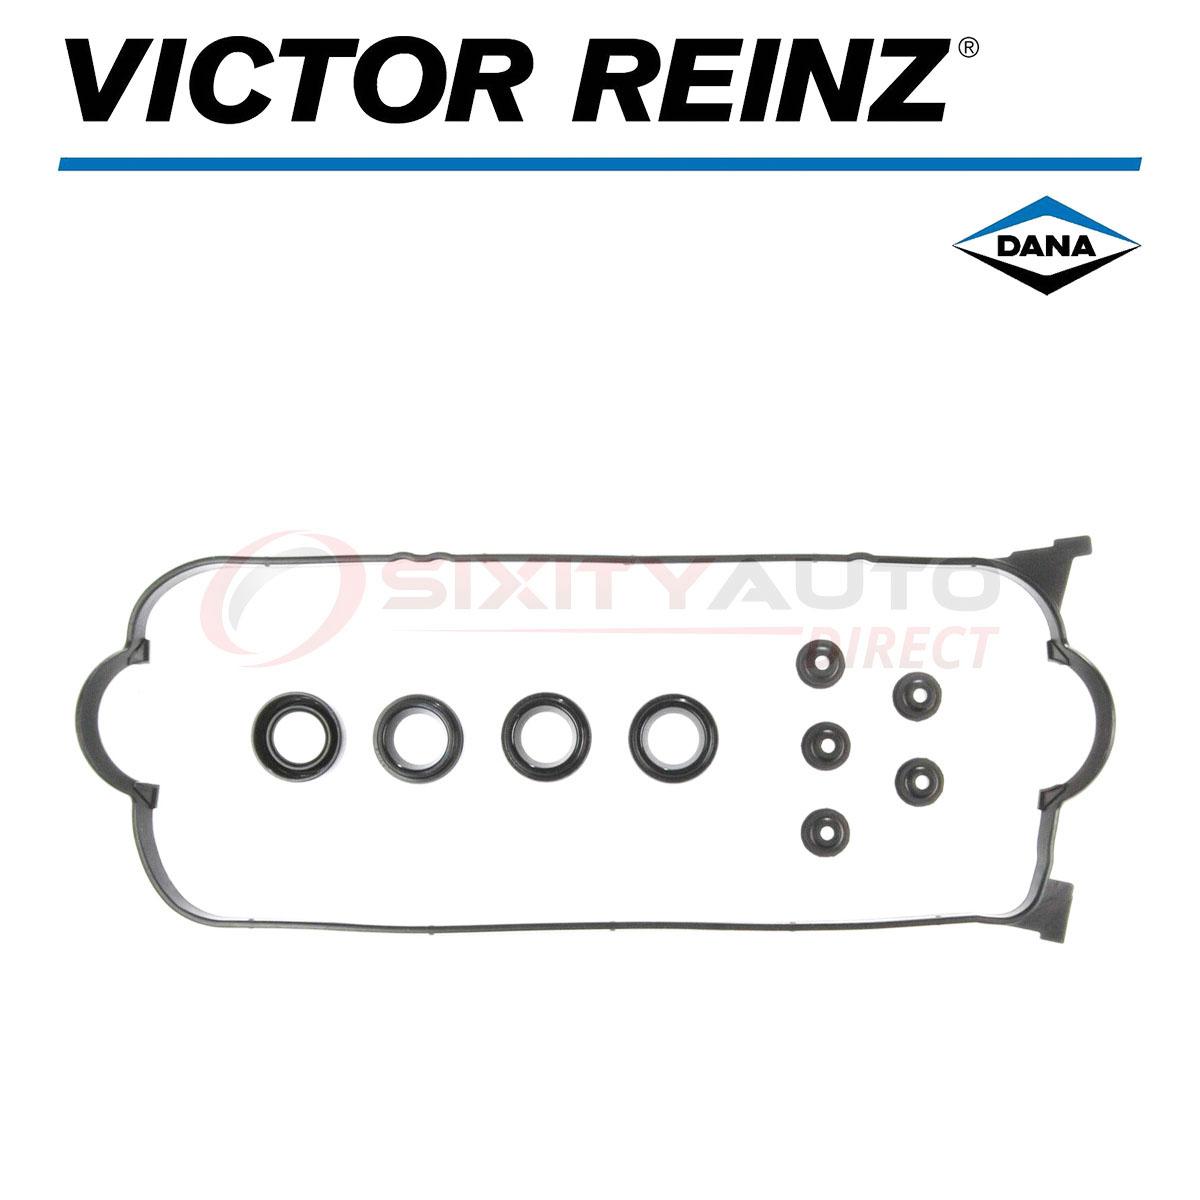 Victor Reinz Valve Cover Gasket Set for 1992-1995 Honda